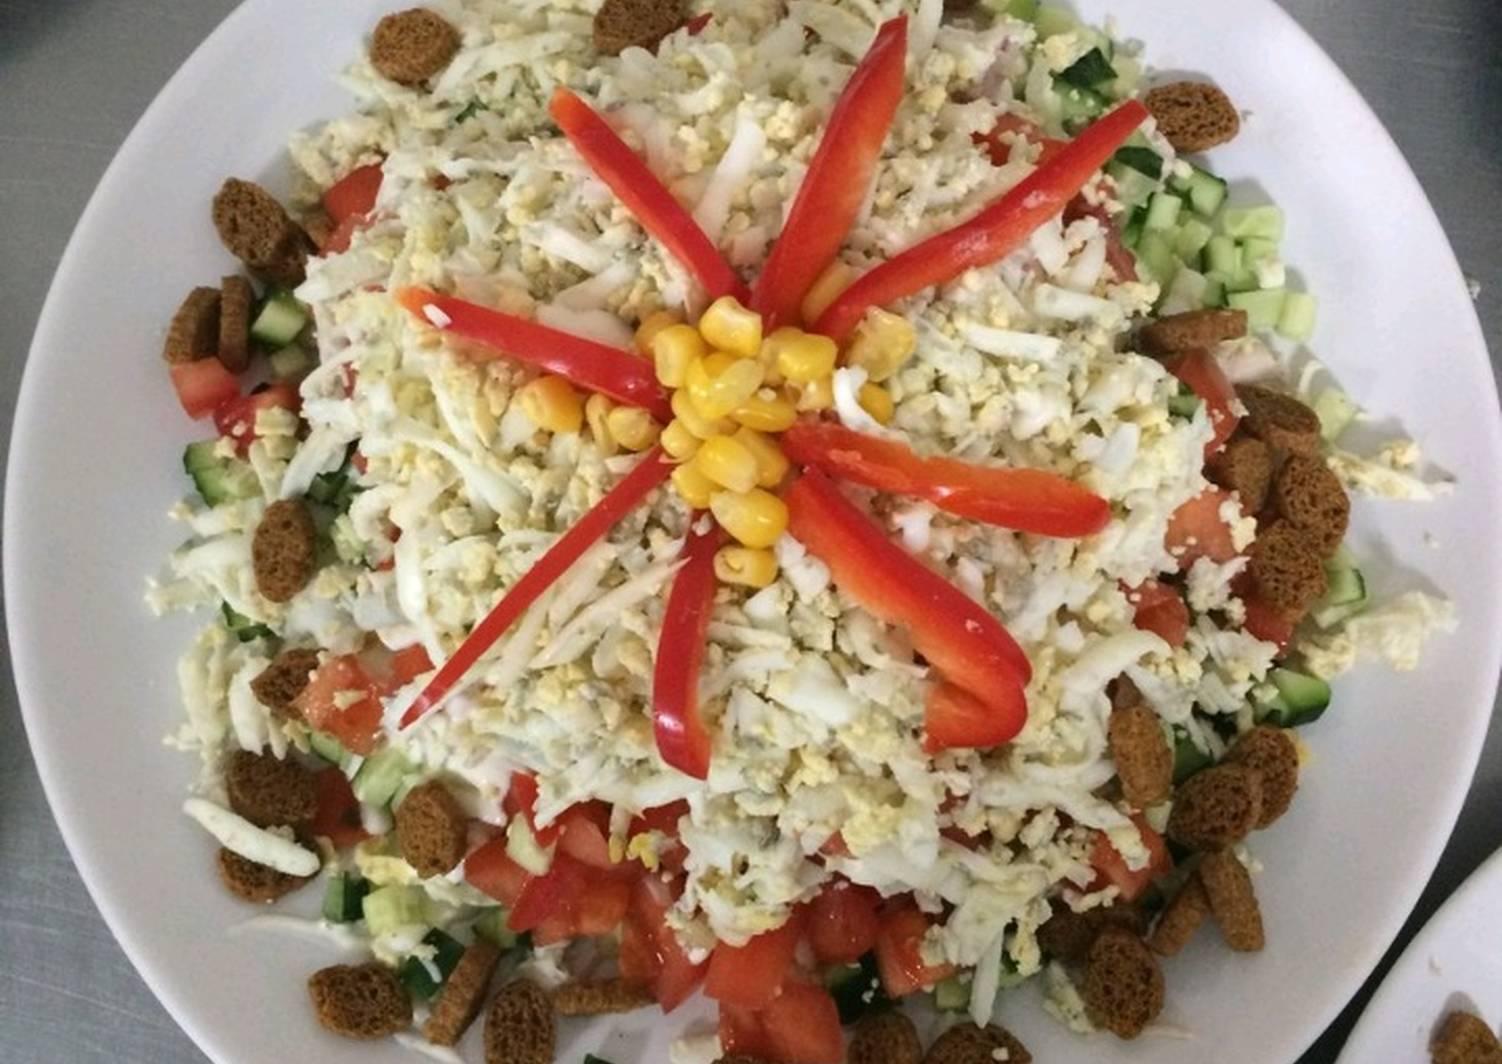 часть нашей салат астра с курицей фото рецепт пошаговый вам довольно интересную